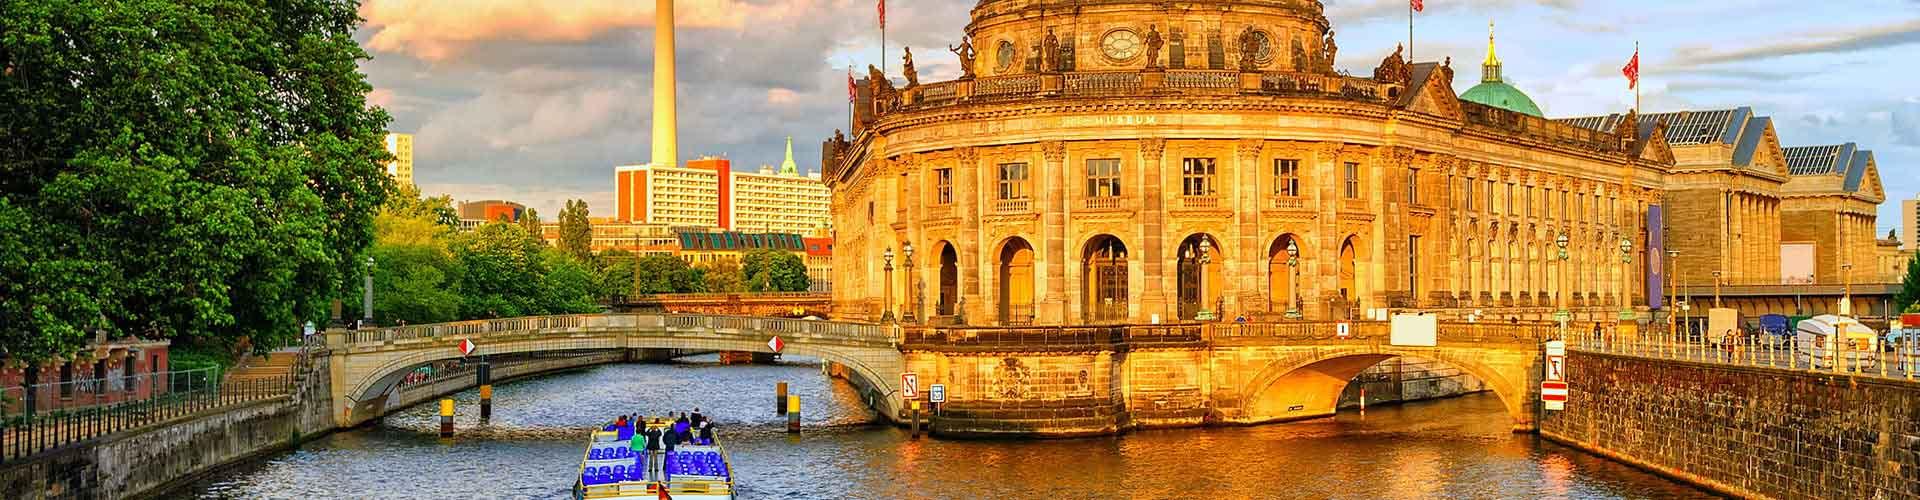 베를린 - 베를린에 있는 호스텔. 베를린의 지도, 베를린에 위치한 호스텔 사진 및 후기 정보.